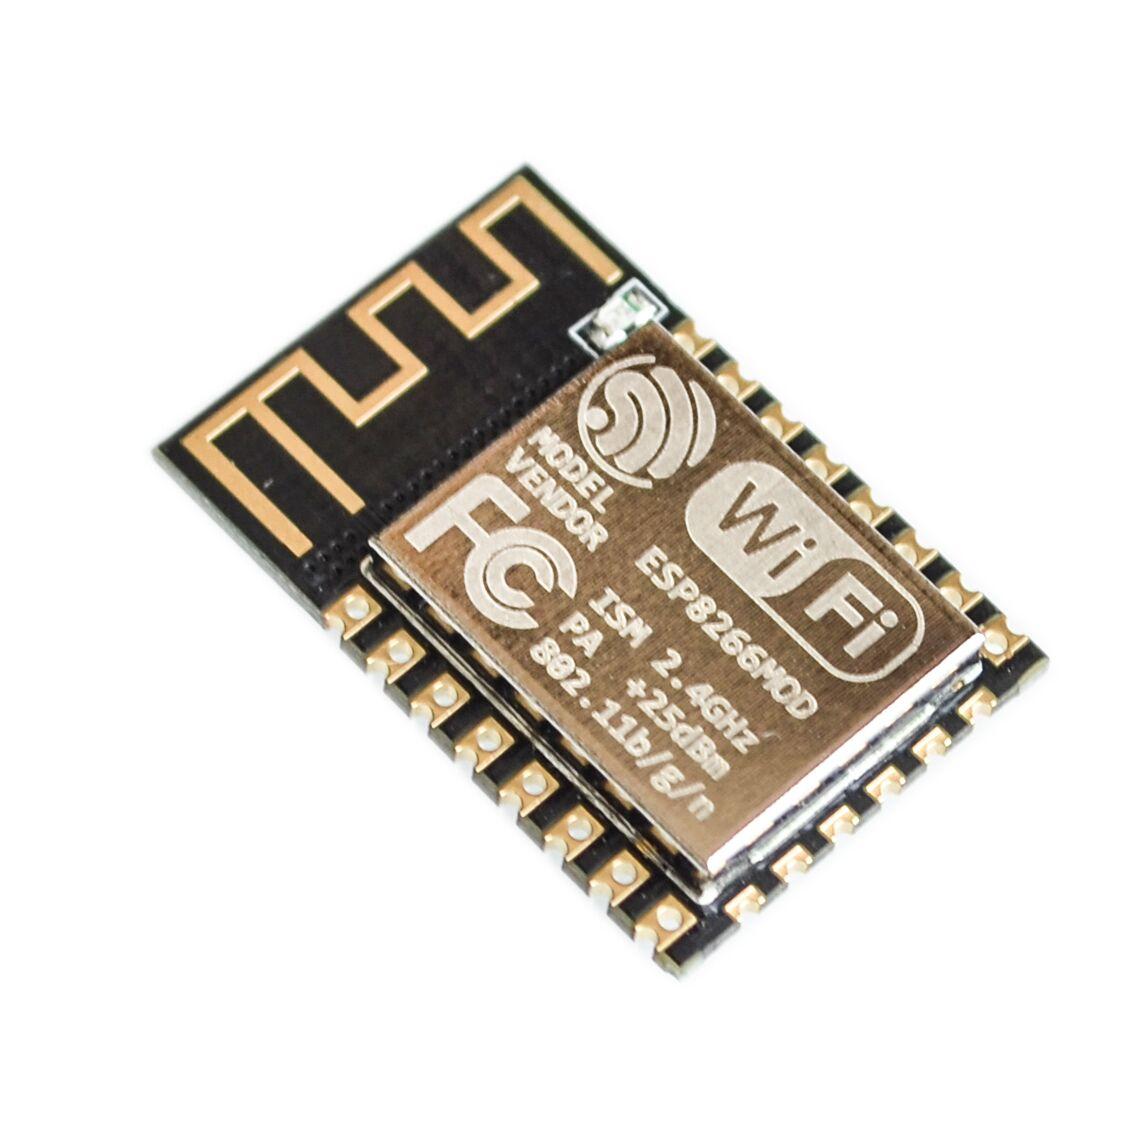 10 шт./лот ESP8266 удаленный последовательный Порты и разъёмы WI-FI беспроводной модуль через стены Ван esp-12F ESP-12E